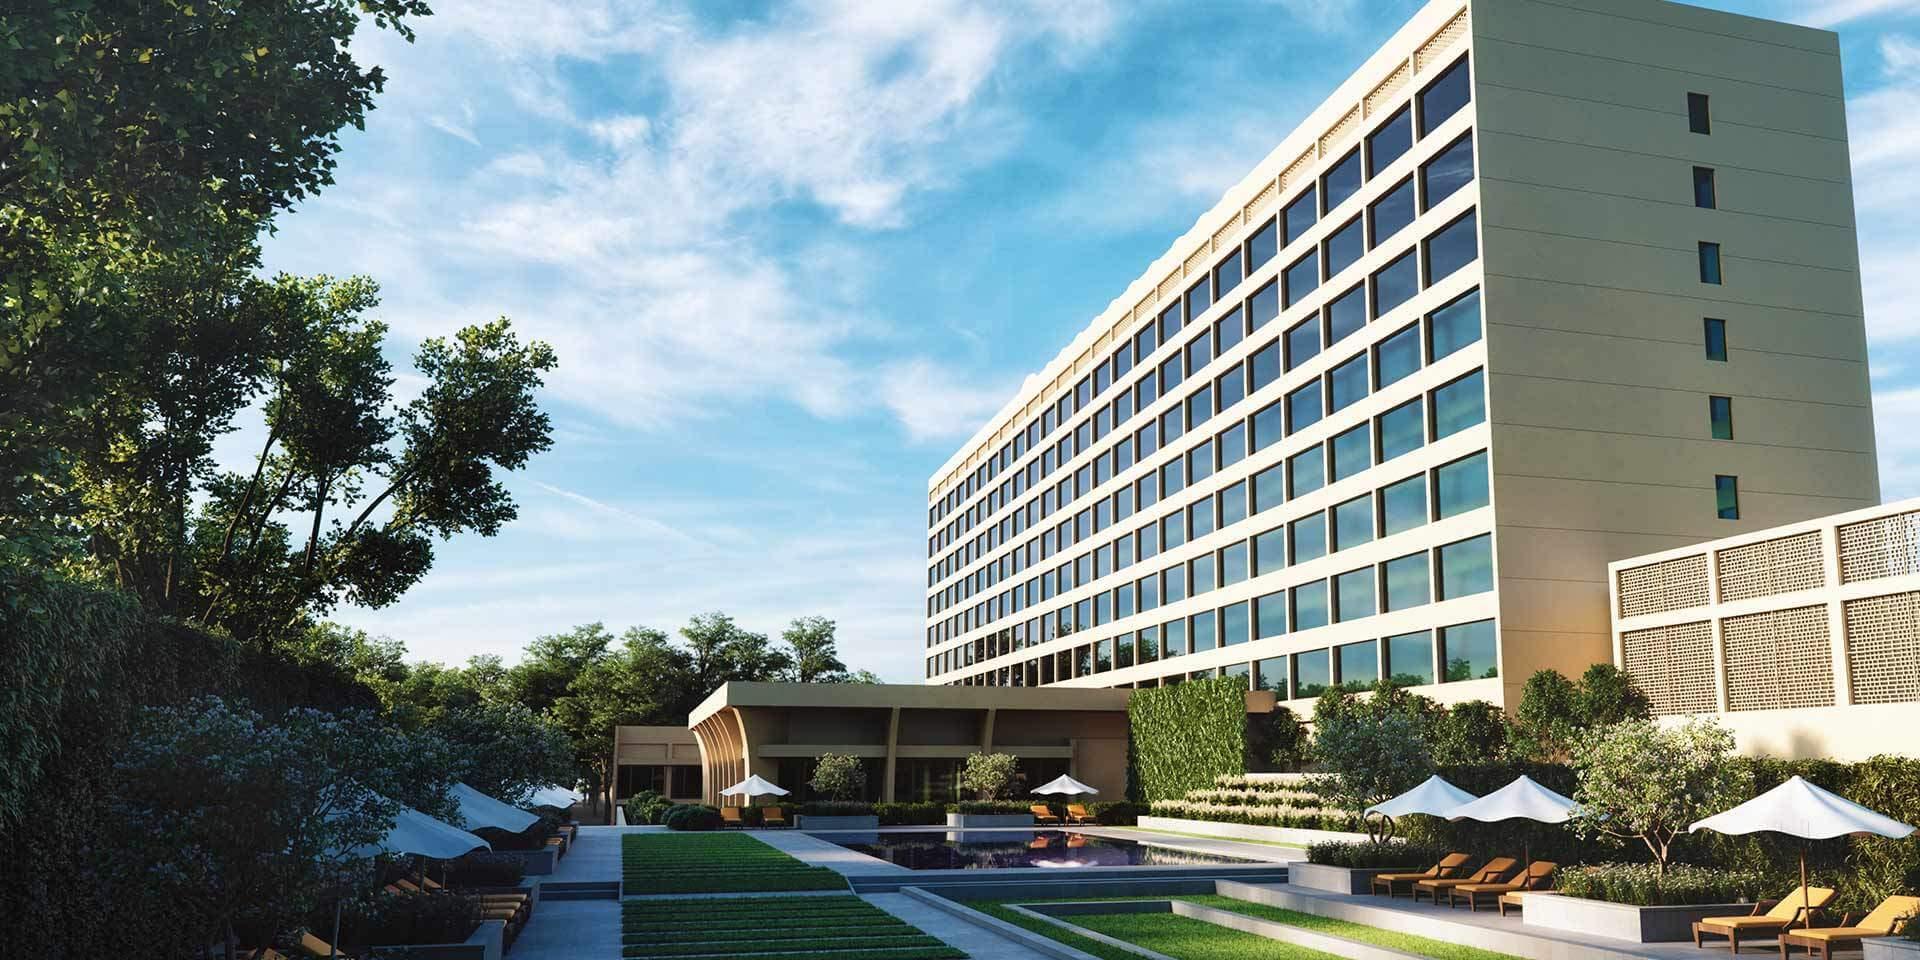 The Oberoi Hotel Delhi